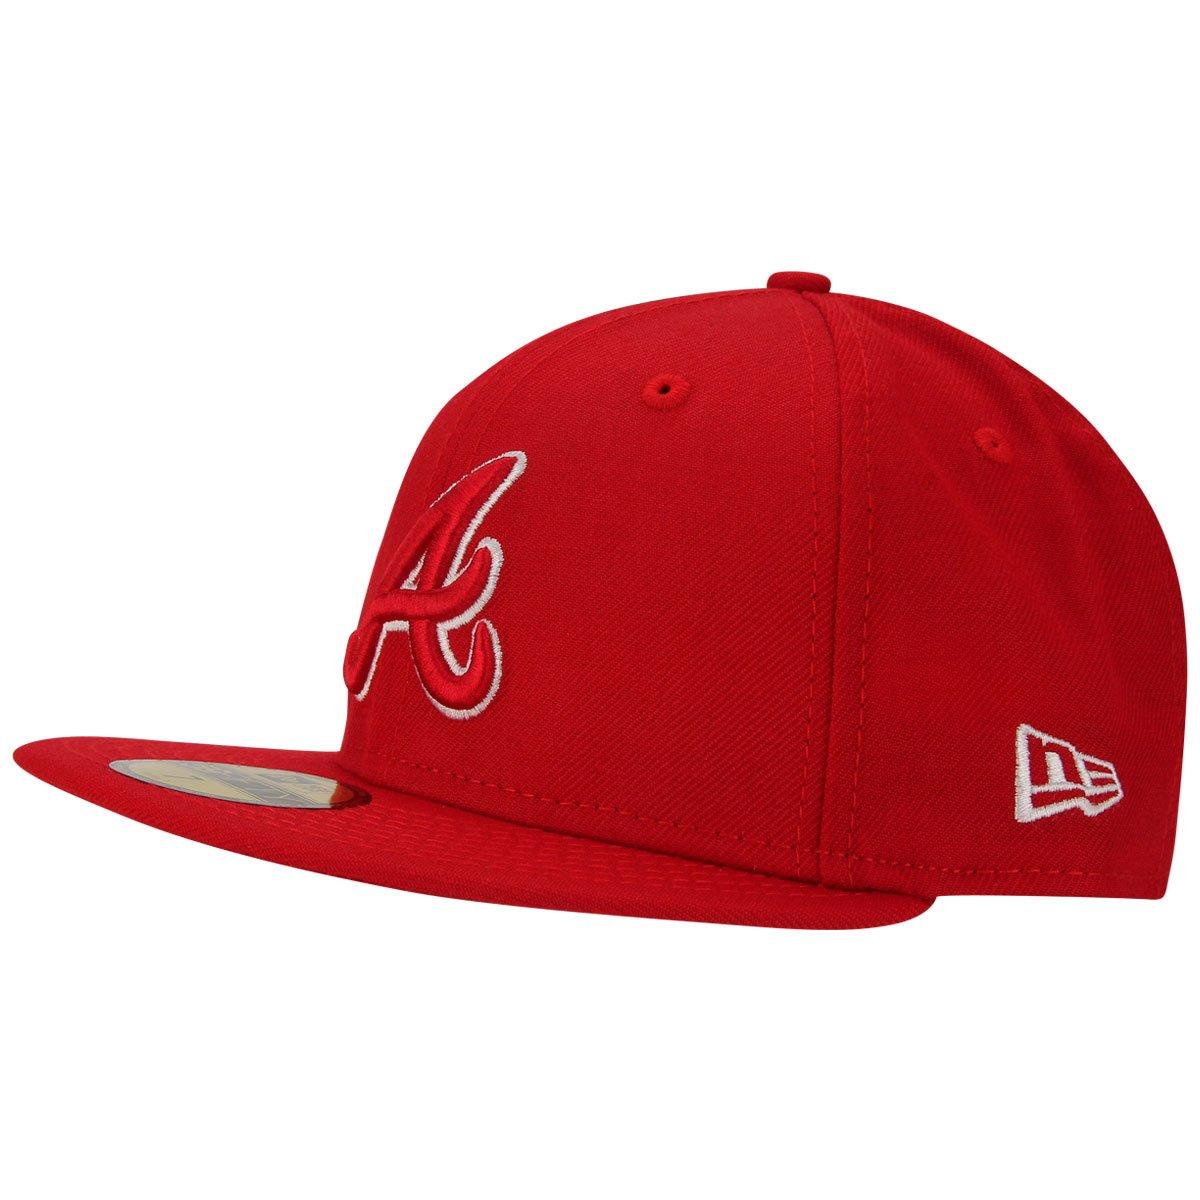 Boné New era 5950 Atlanta Braves - Vermelho - Compre Agora  457ee0c7a46